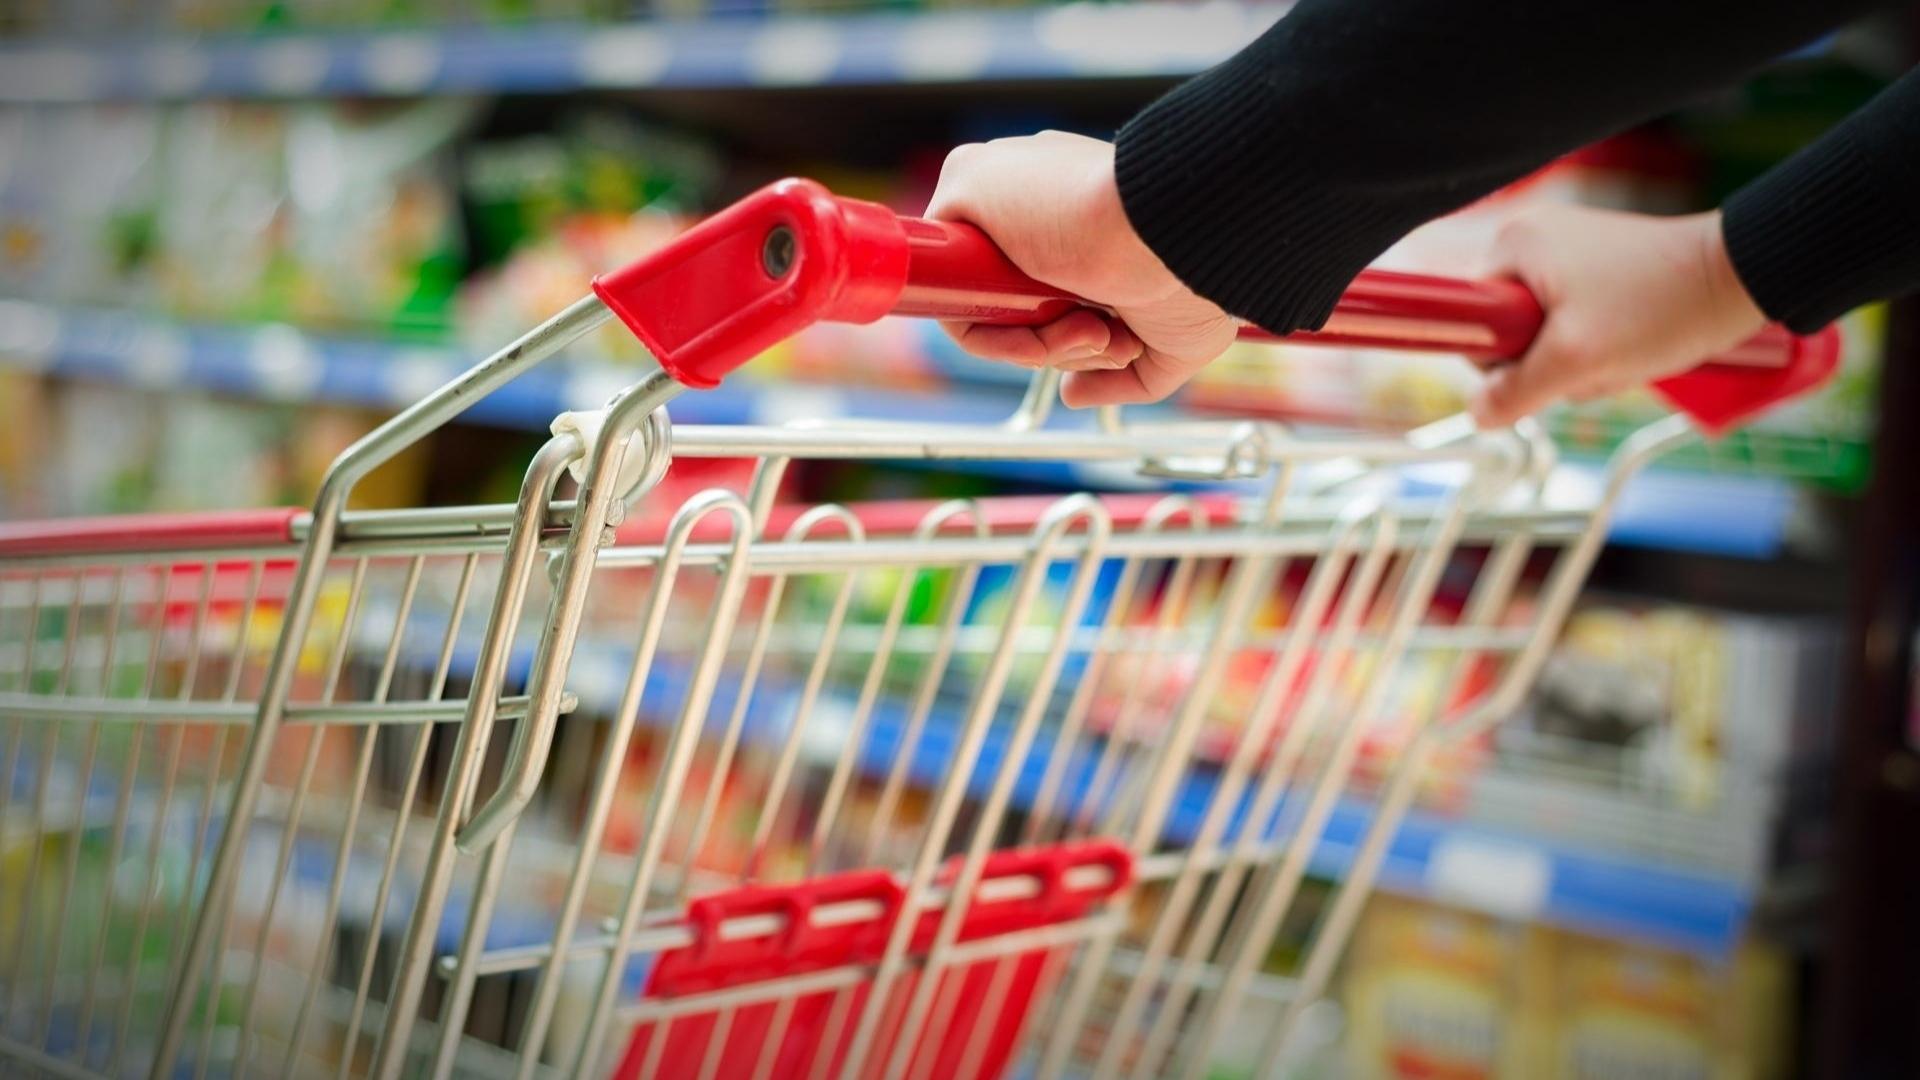 COVID-19: Unitățile de alimentație publică trebuie să dezinfecteze cărucioarele, coșurile de cumpărături şi să ia măsuri pentru evitarea aglomerării